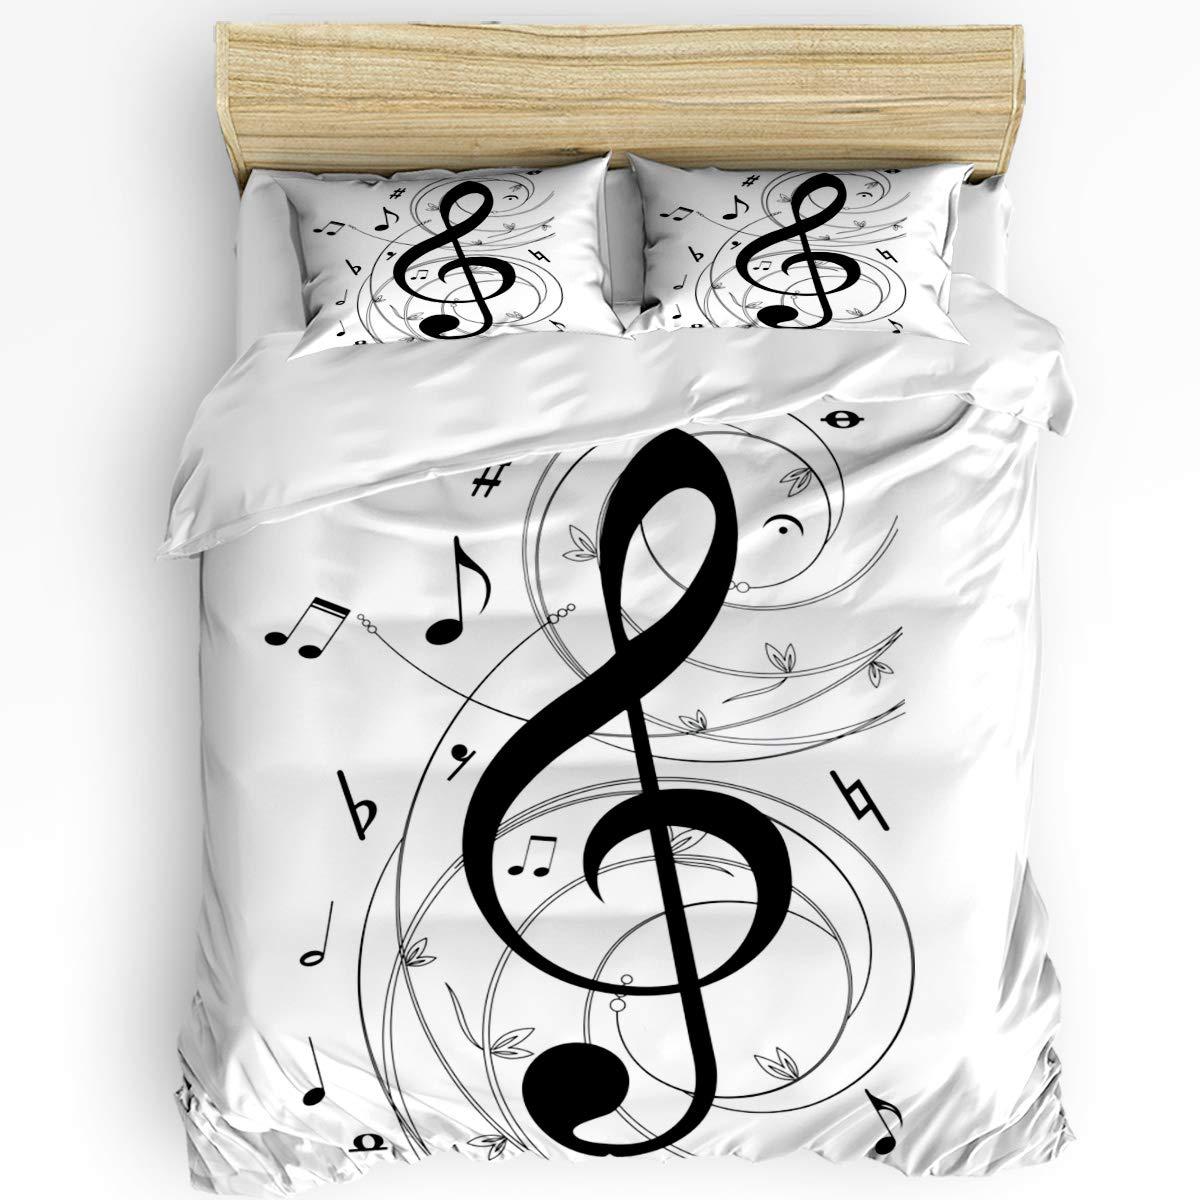 EZON-CH かわいい布団カバー3点セット 男の子 女の子 マウンテンレイクの美しい風景 ソフト寝具セット レディース メンズ ベッドルームコレクション 枕カバー2枚付き Twin Size B07RPRW2P8 Musicezn6107 Twin Size